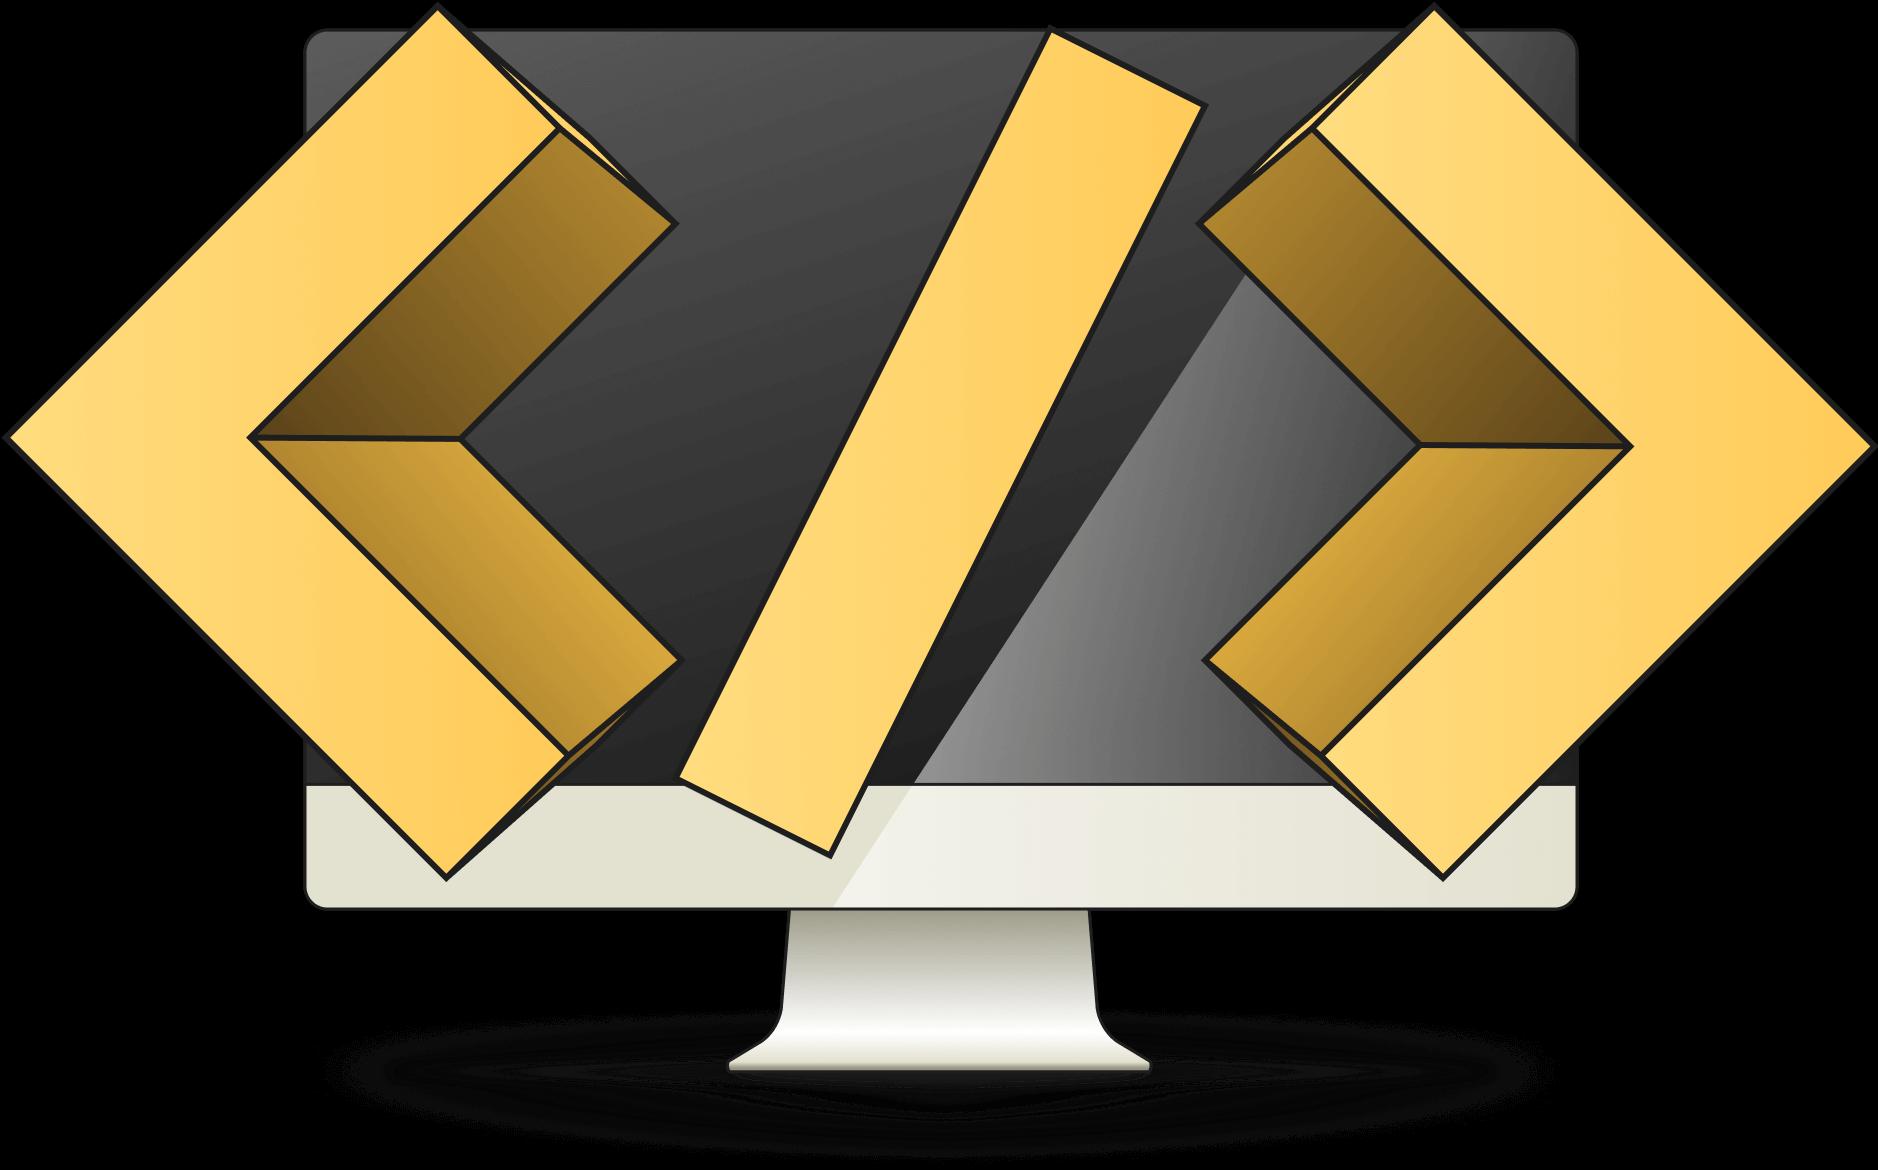 Software Development hero image - monitor